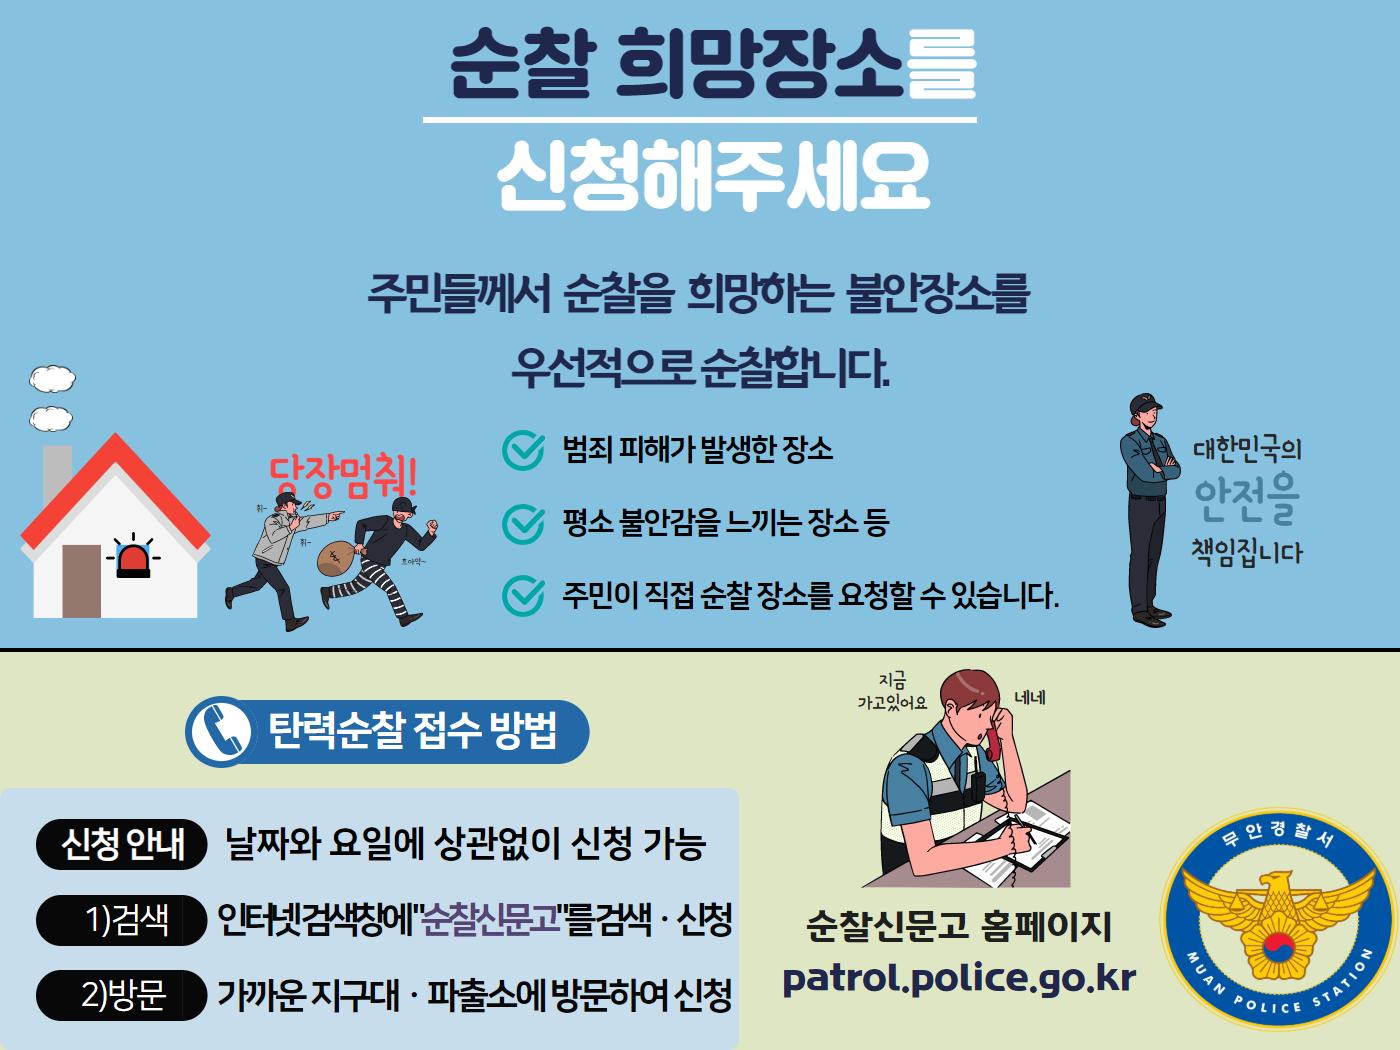 탄력 순찰 홍보(무안경찰서) 2021.3.25.~4.30.